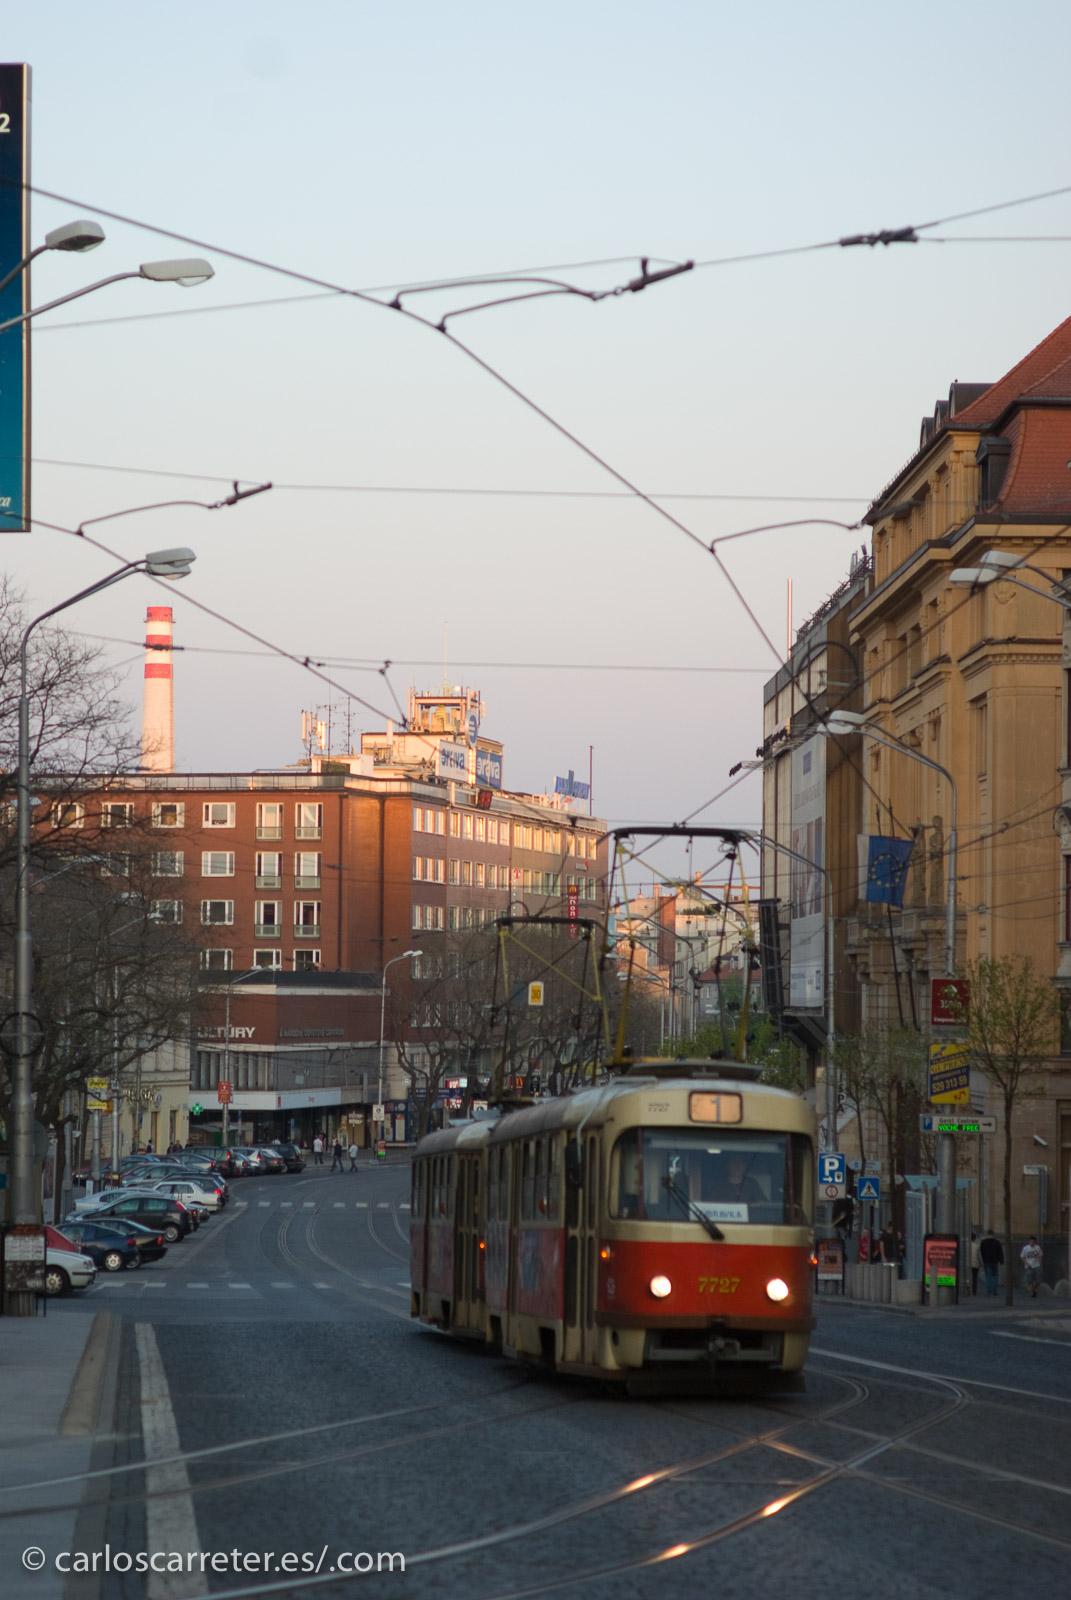 Hoy traigo algunas de las fotografías que se podrán ver próximamente en mi Tumblr, De viaje con Carlos; como este tranvía en las calles de Bratislava, Eslovaquia.